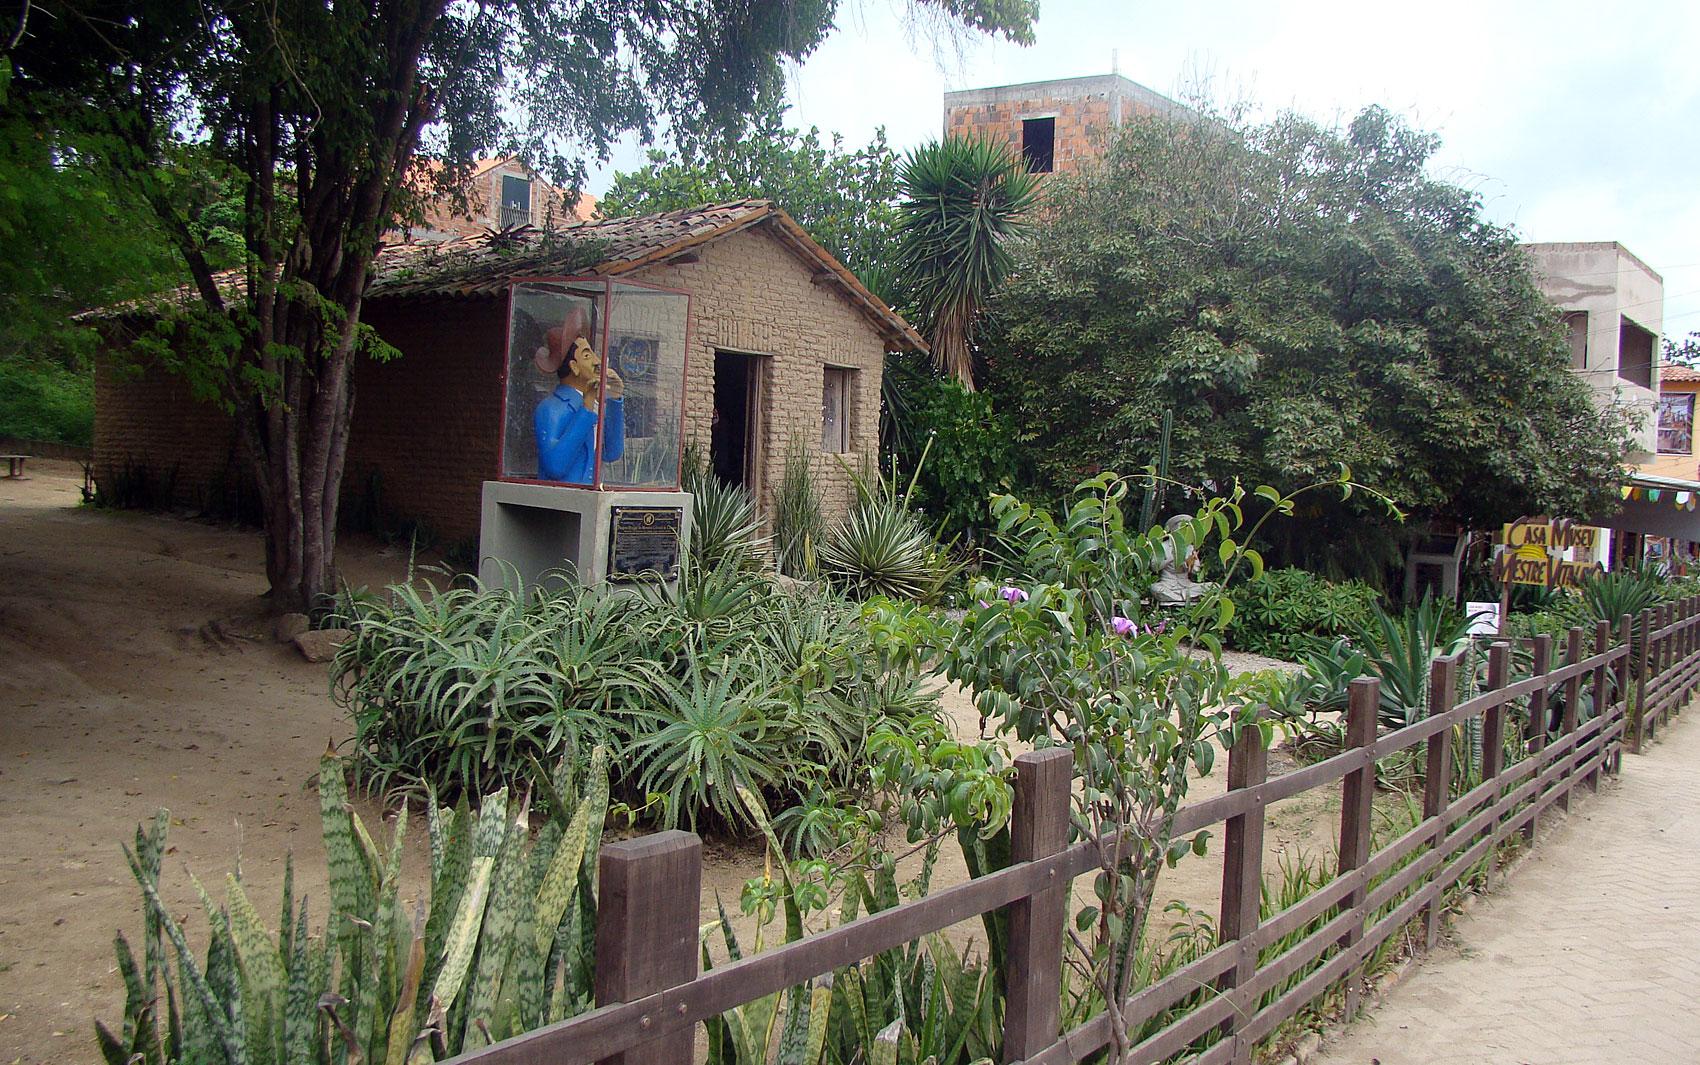 Fotos conhe a a casa museu mestre vitalino em caruaru fotos em caruaru e regi o g1 - Professione casa mestre ...